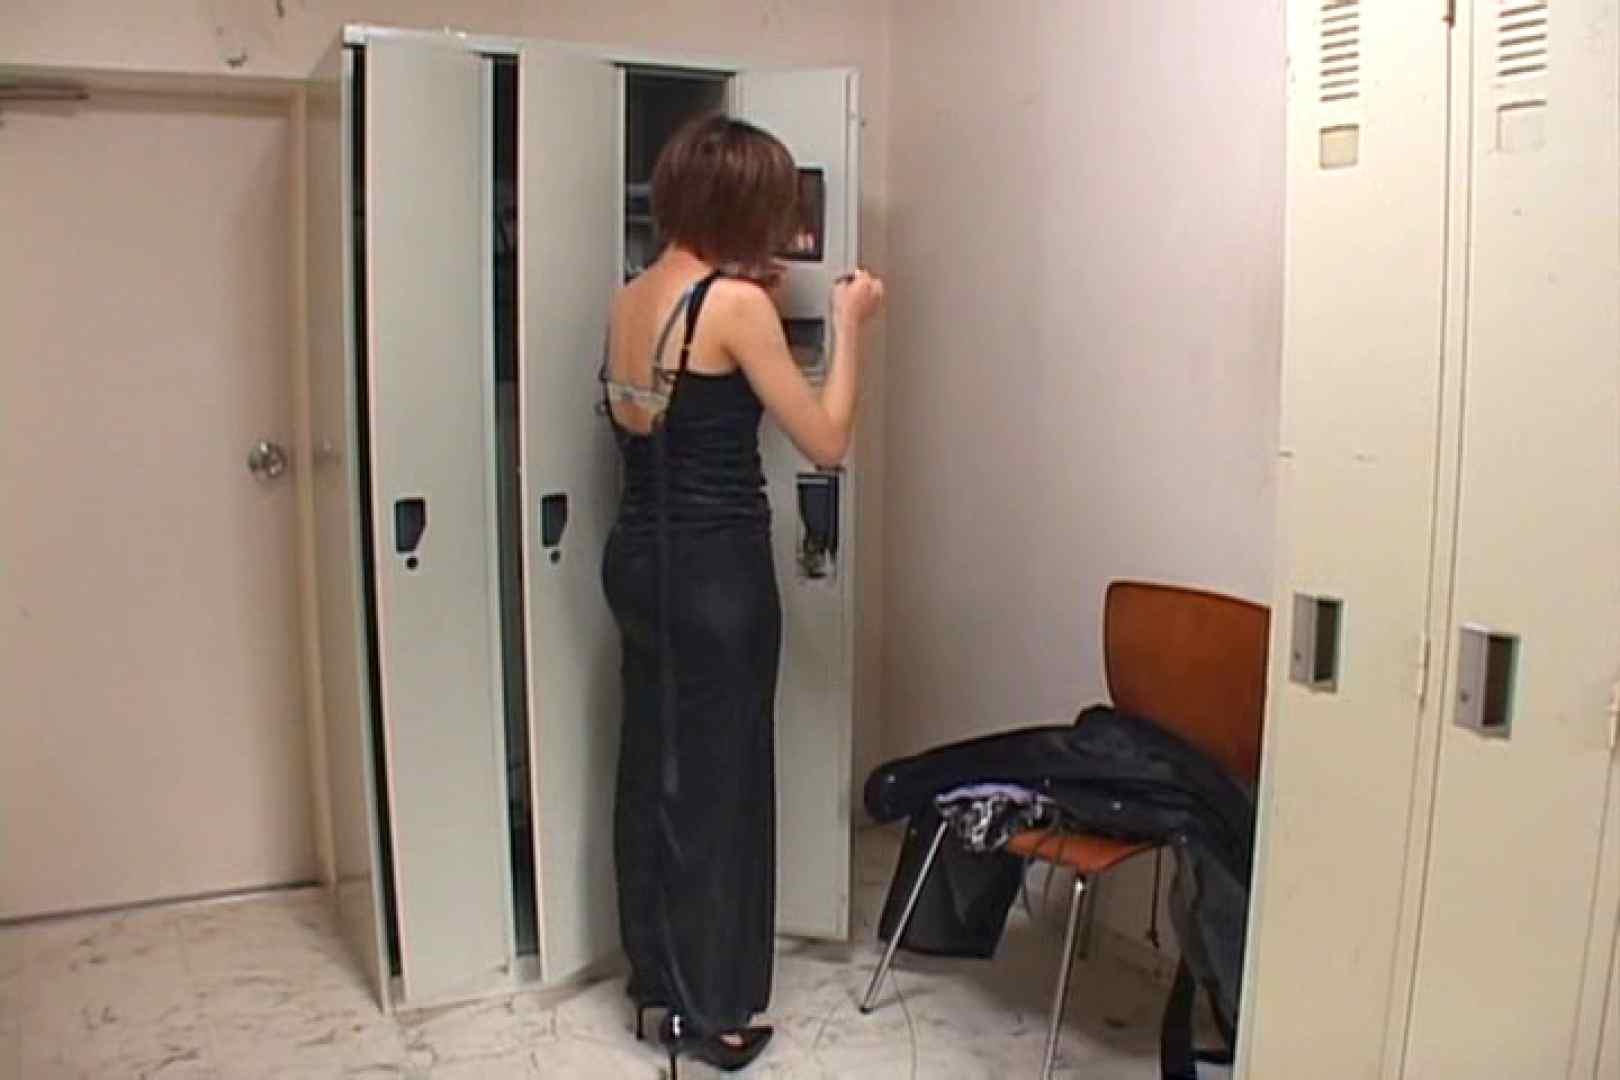 キャバ嬢舞台裏Vol.6 現役ギャル AV無料動画キャプチャ 96pic 42